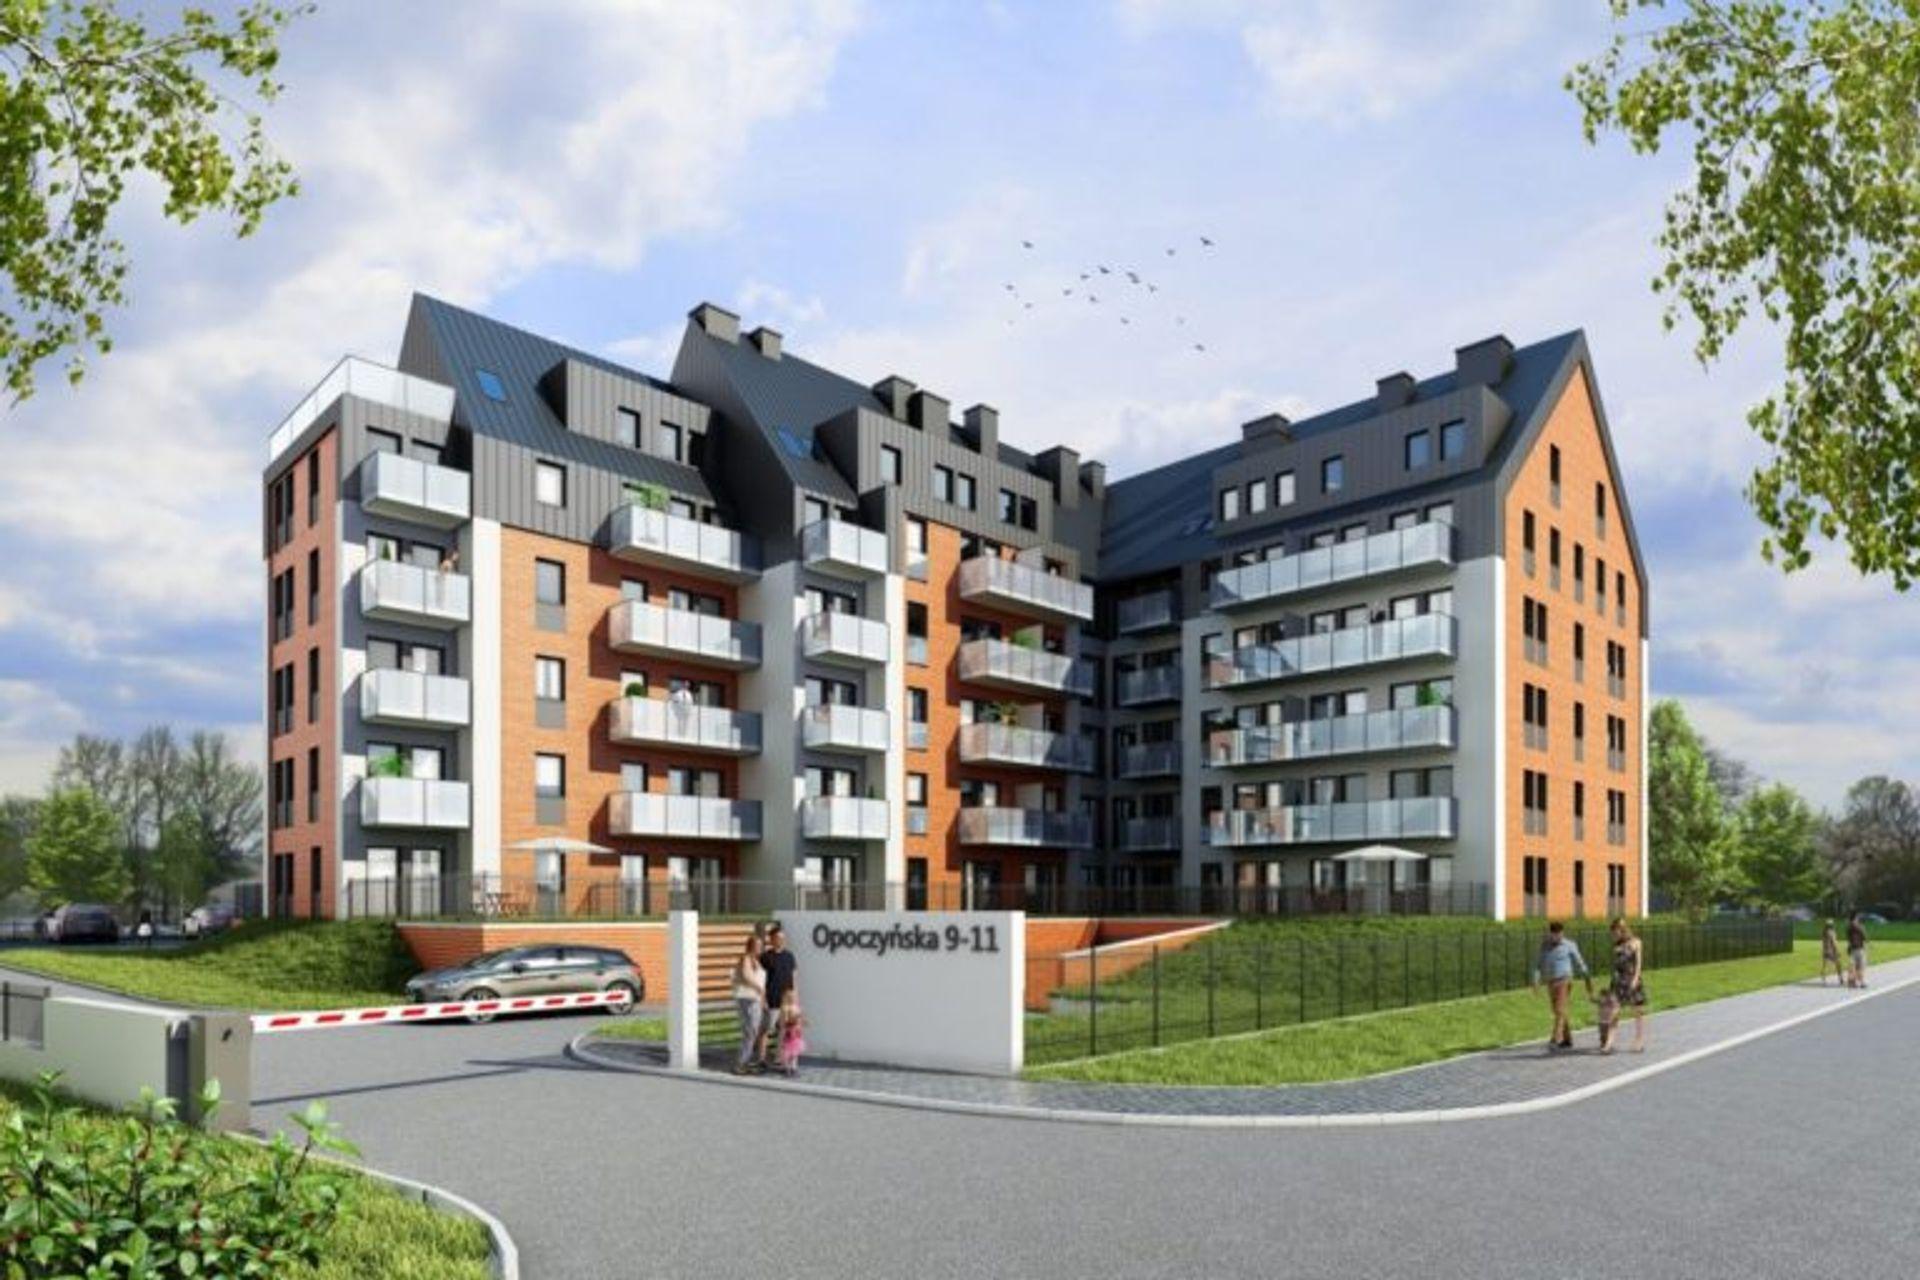 [Wrocław] Jedna ulica, kilka nowych osiedli. Deweloperzy inwestują na Złotnikach [WIZUALIZACJE]